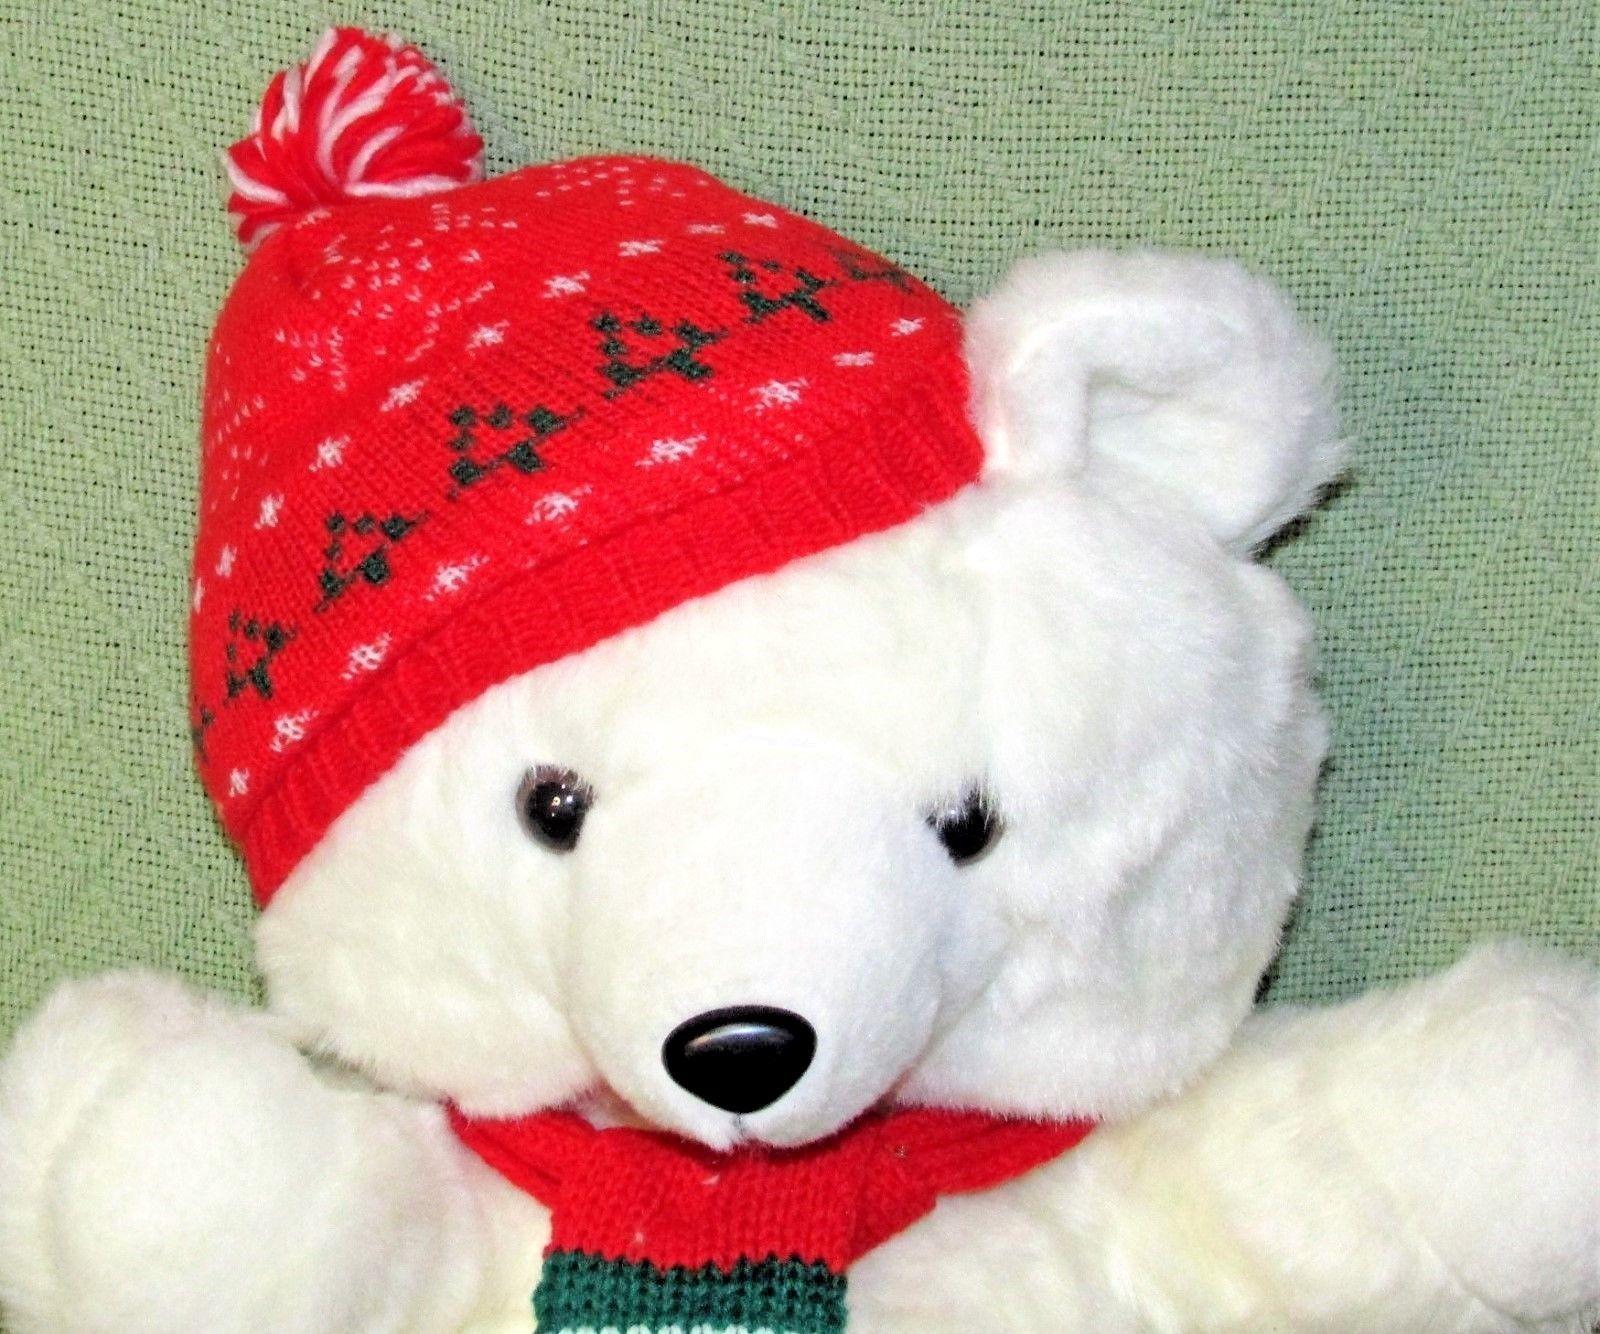 Vintage Kmart FAIRVIEW TEDDY Bear Christmas and 50 similar items